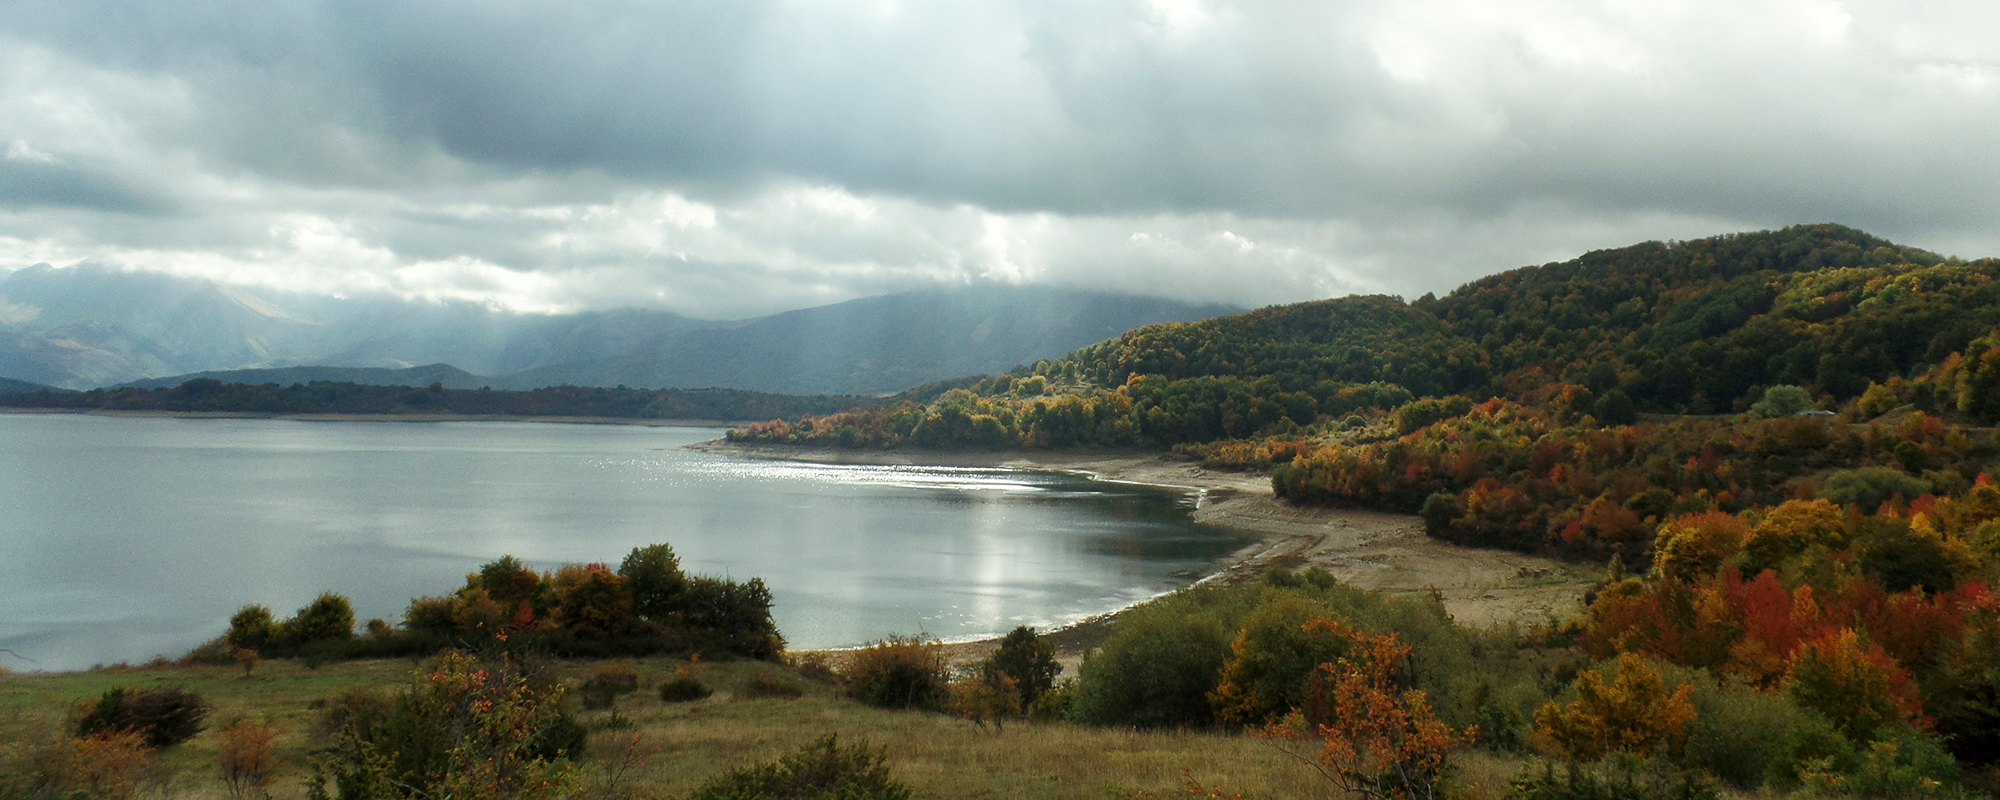 Abruzzo Italy Lago Campotosto holiday